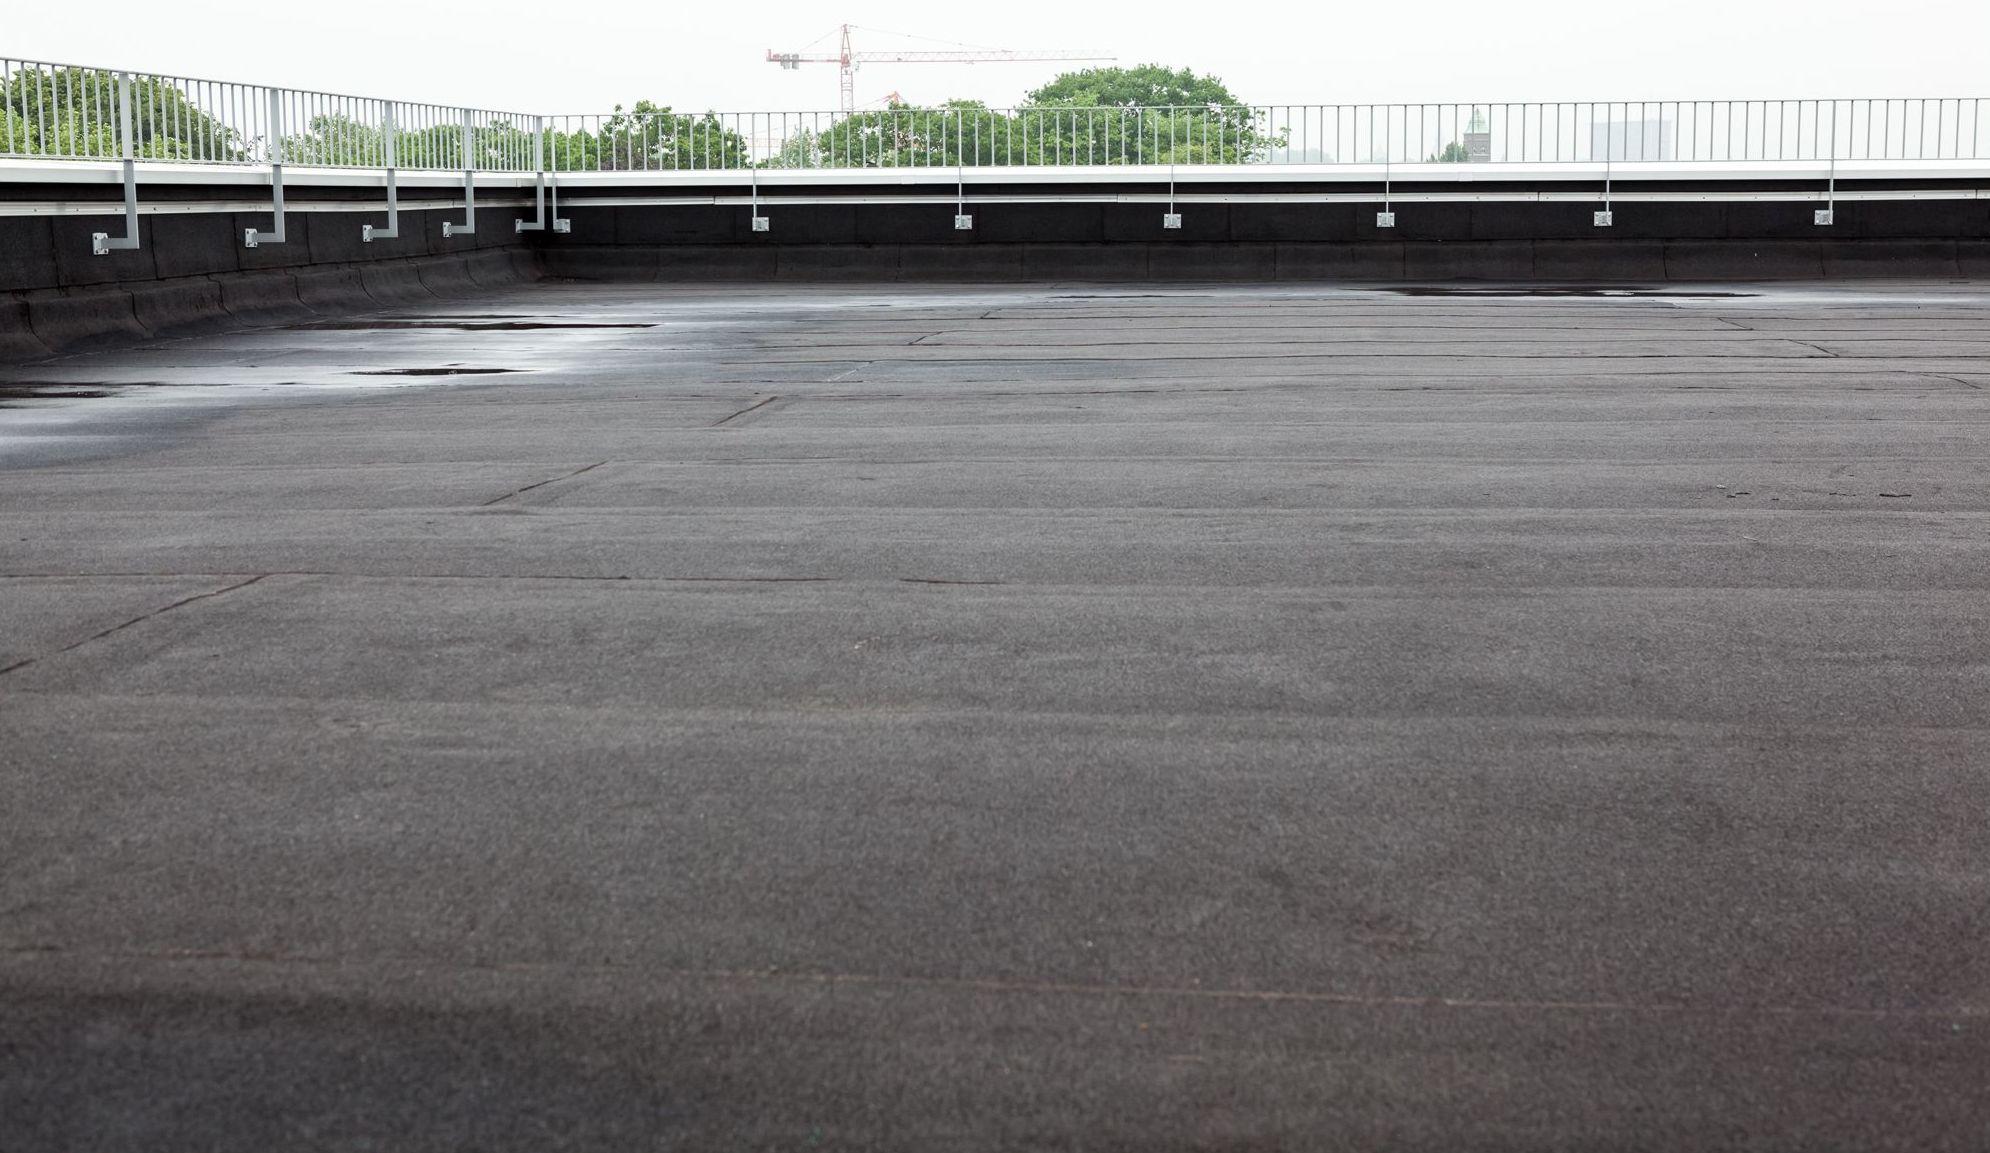 Impermeabilización de cubiertas Las Palmas